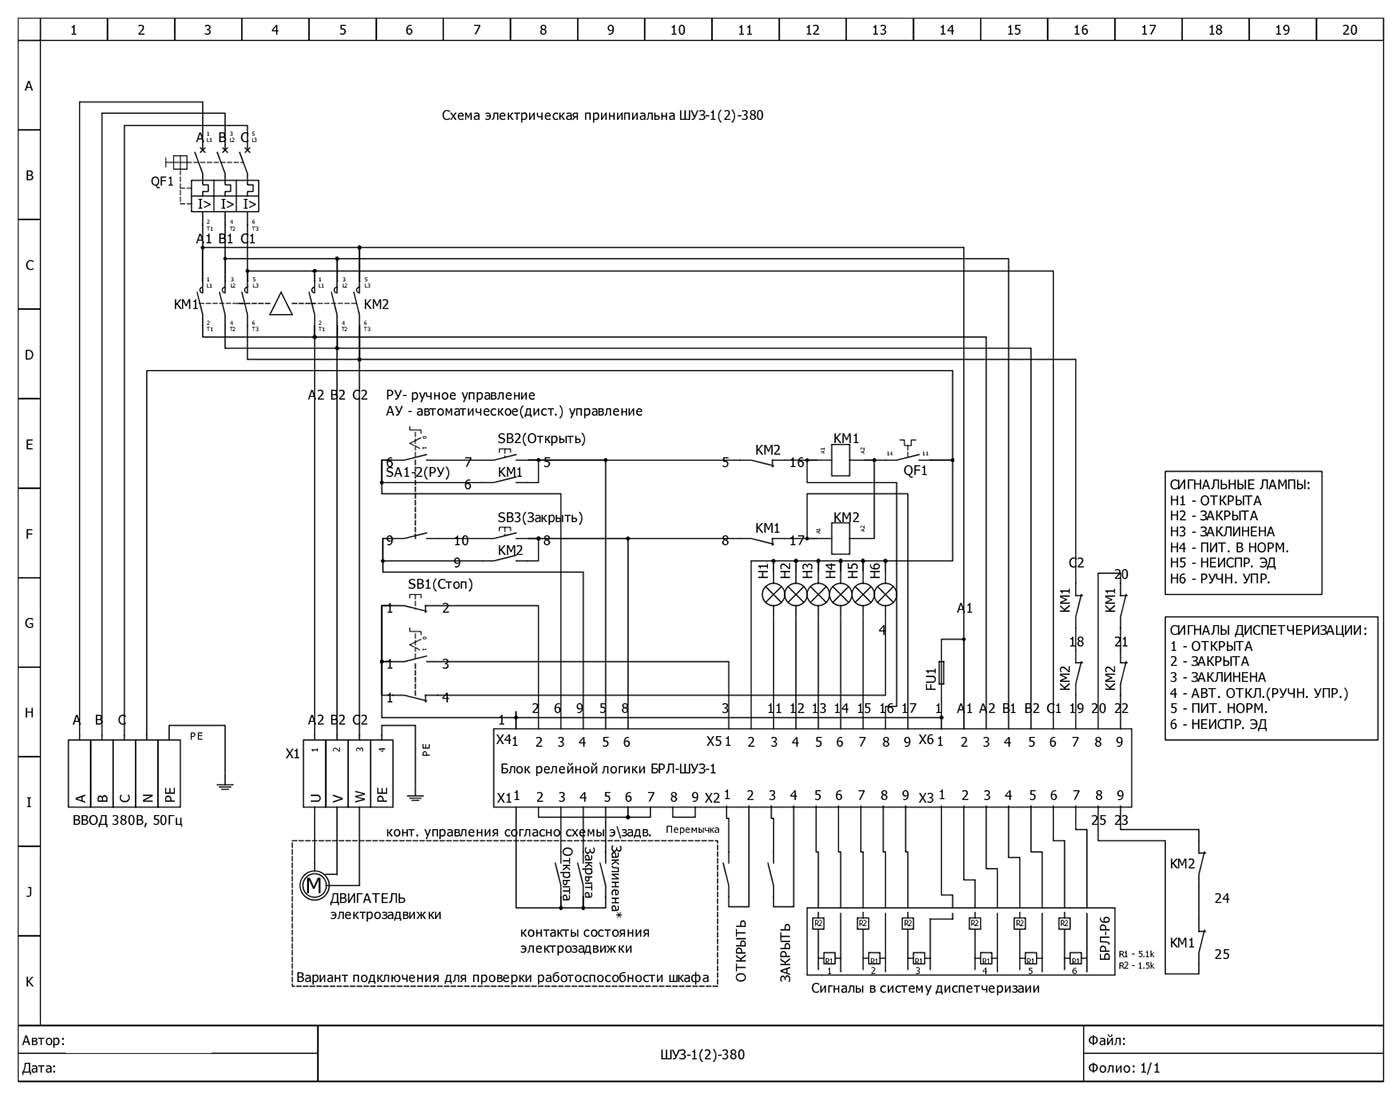 Принципиальная схема шуз 380В